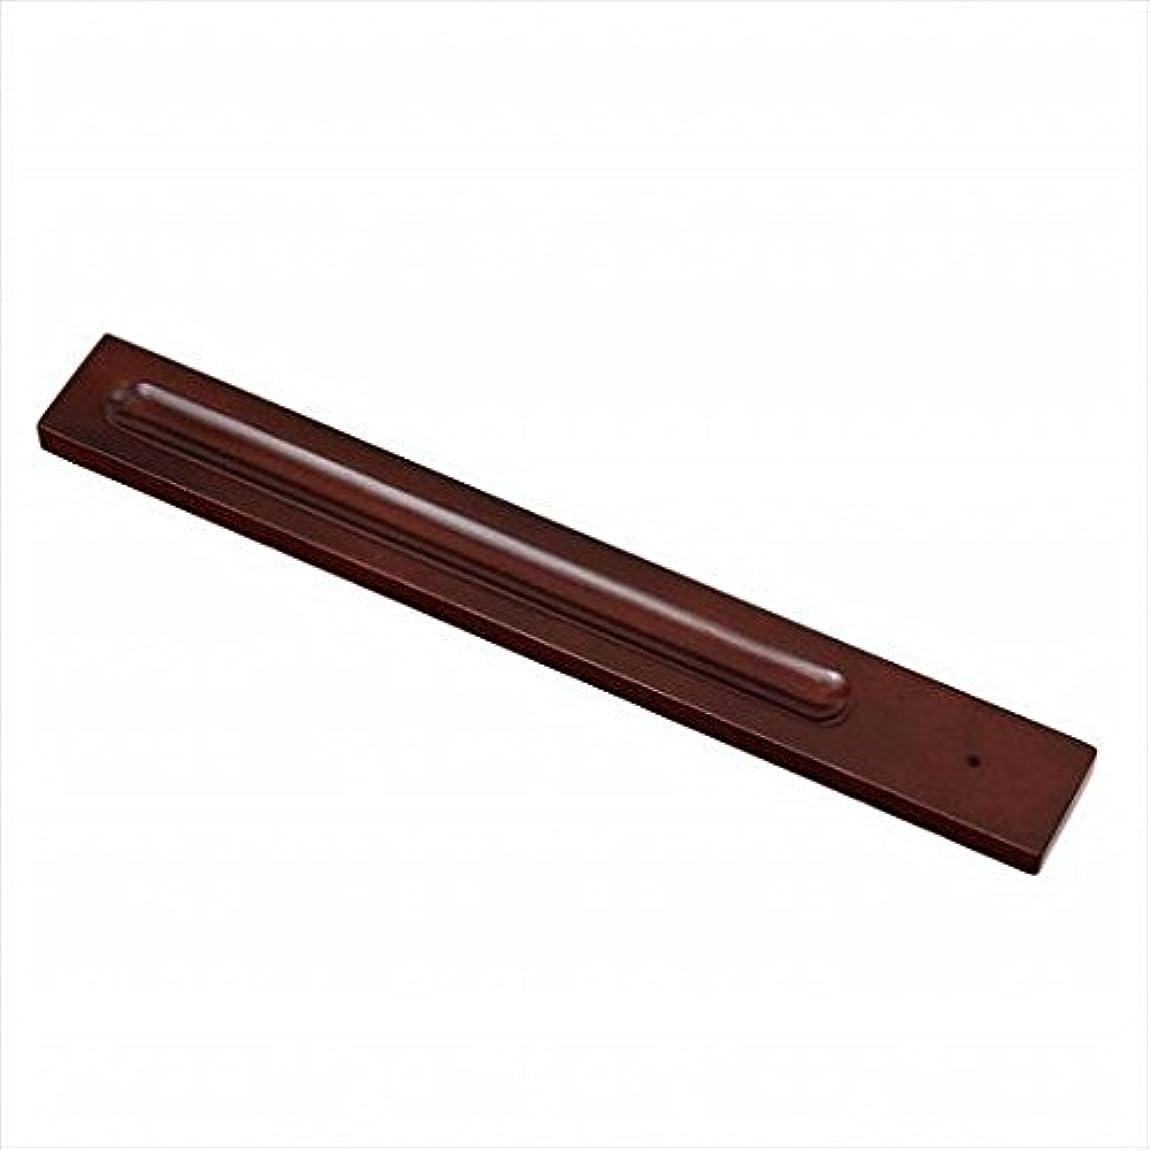 試みる突然のネックレットkameyama candle(カメヤマキャンドル) バンブーインセンス用ホルダースクエア 「 ブラウン 」 キャンドル 30x246x9mm (E3130000BR)